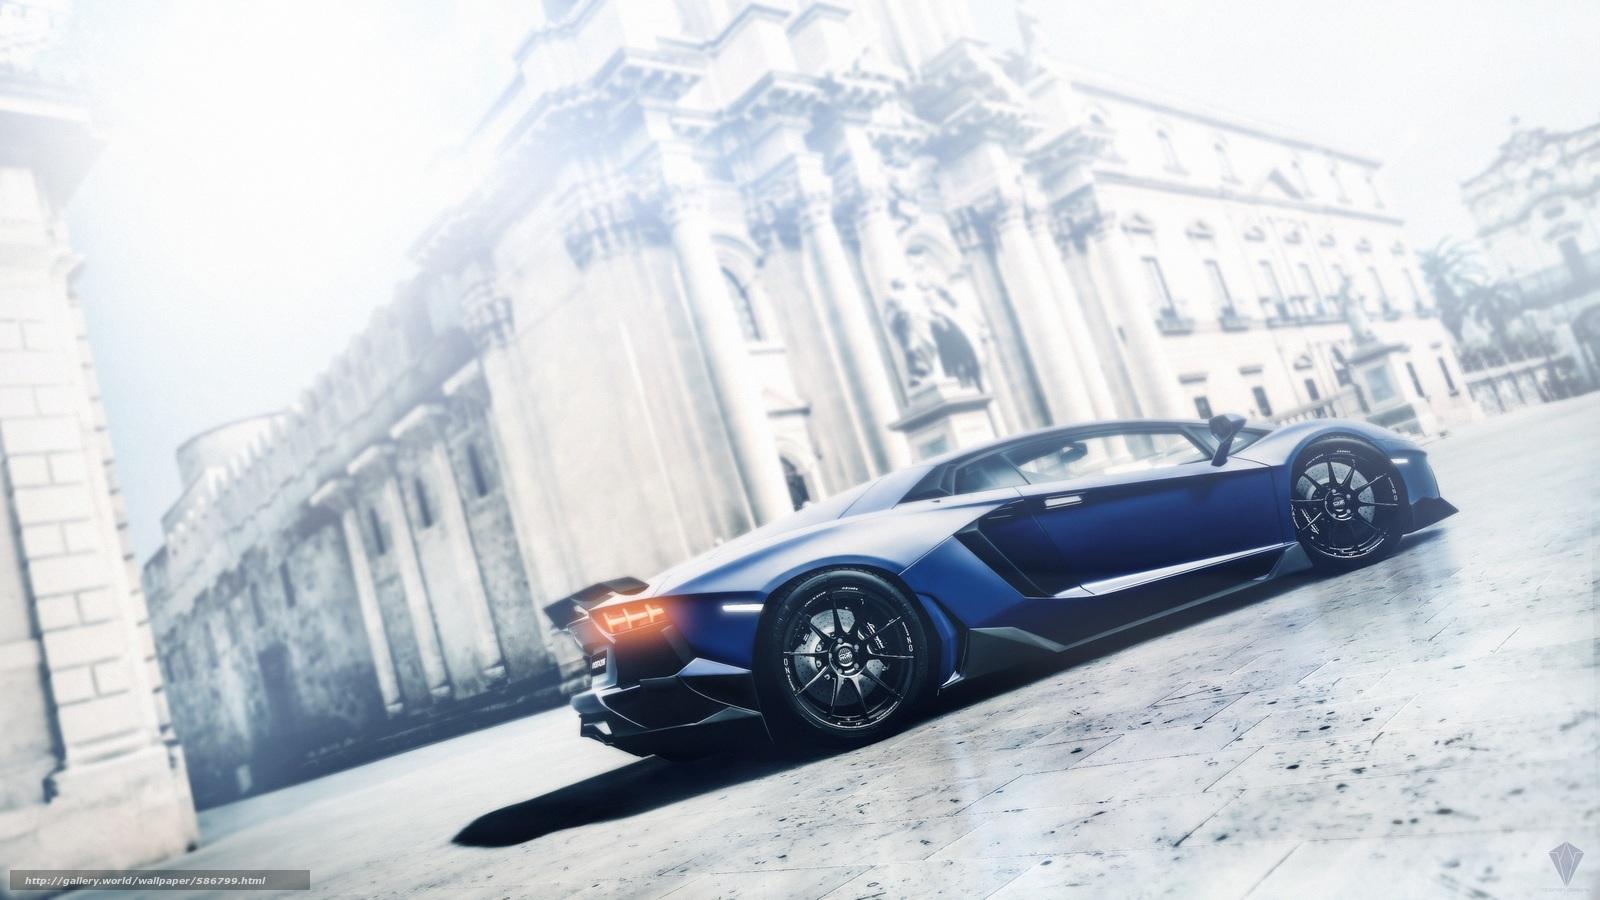 Скачать обои ламборджини,  авентадор,  Lamborghini,  гран туризмо бесплатно для рабочего стола в разрешении 3840x2160 — картинка №586799